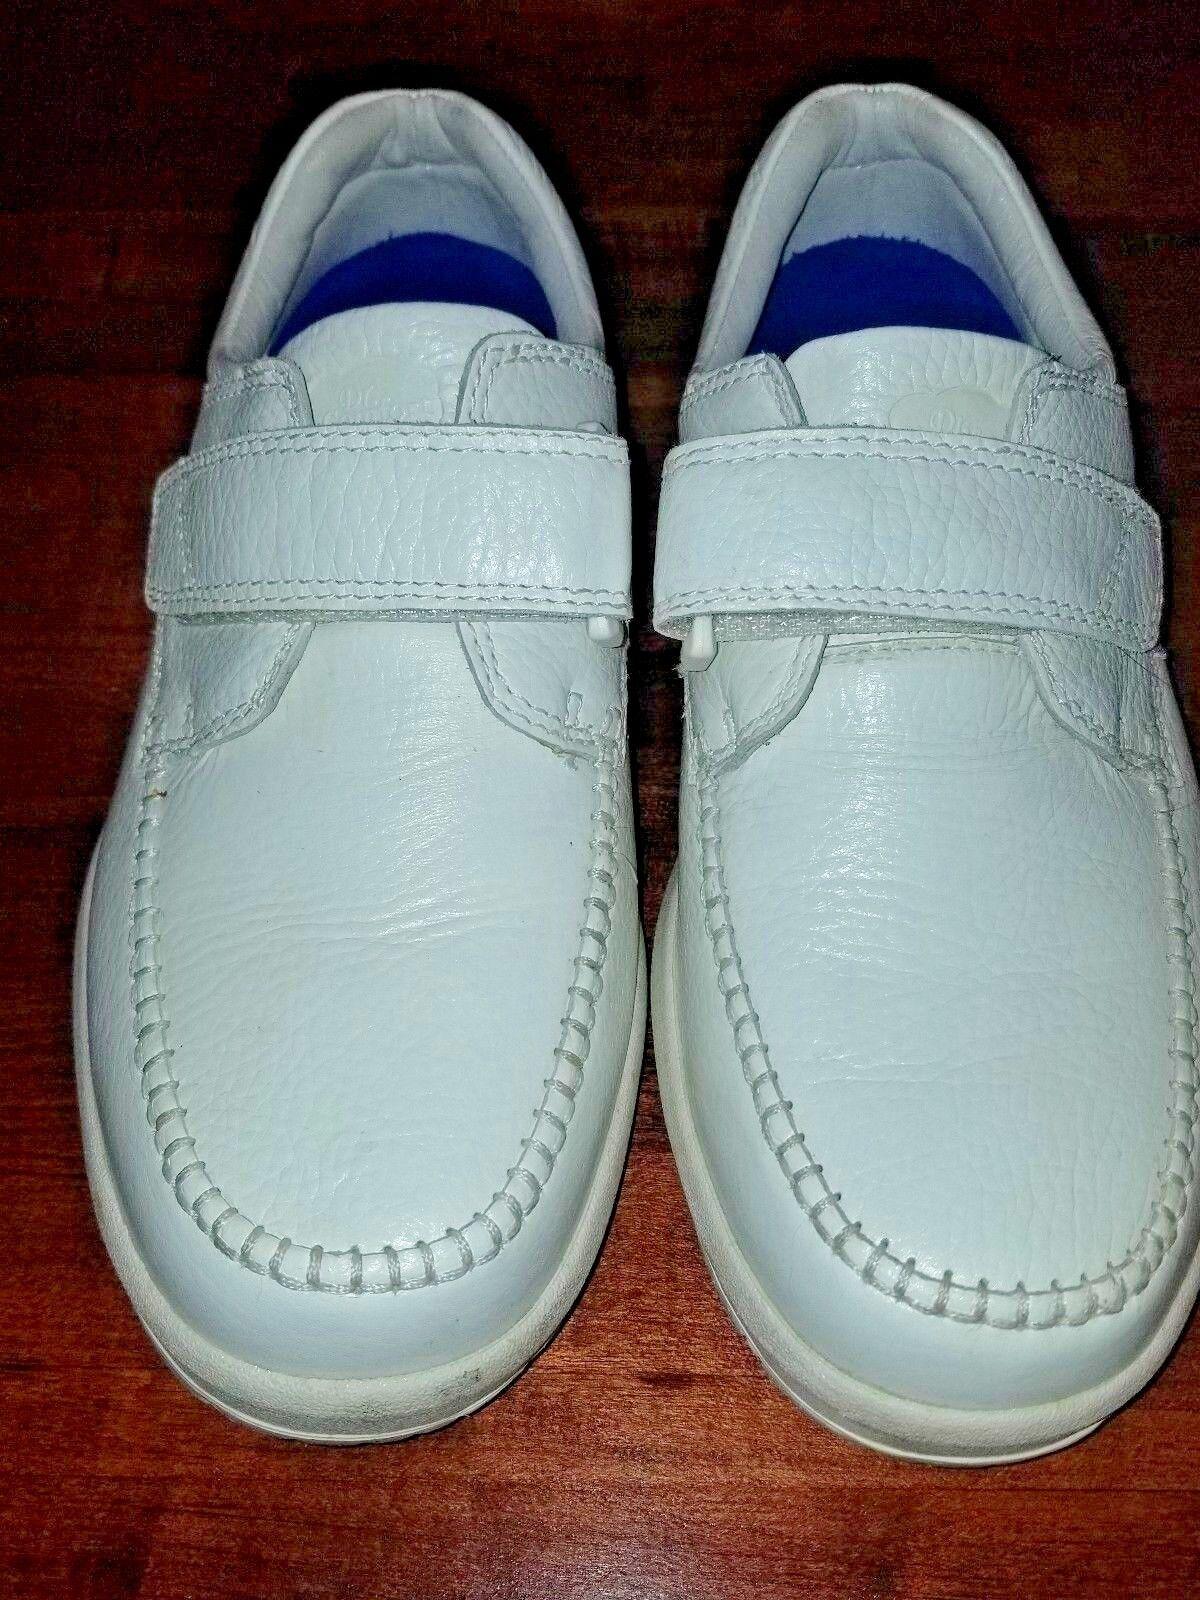 Dr. Comfort Scott  9030 Men's Diabetic Leather Casual shoes - Size 8 W